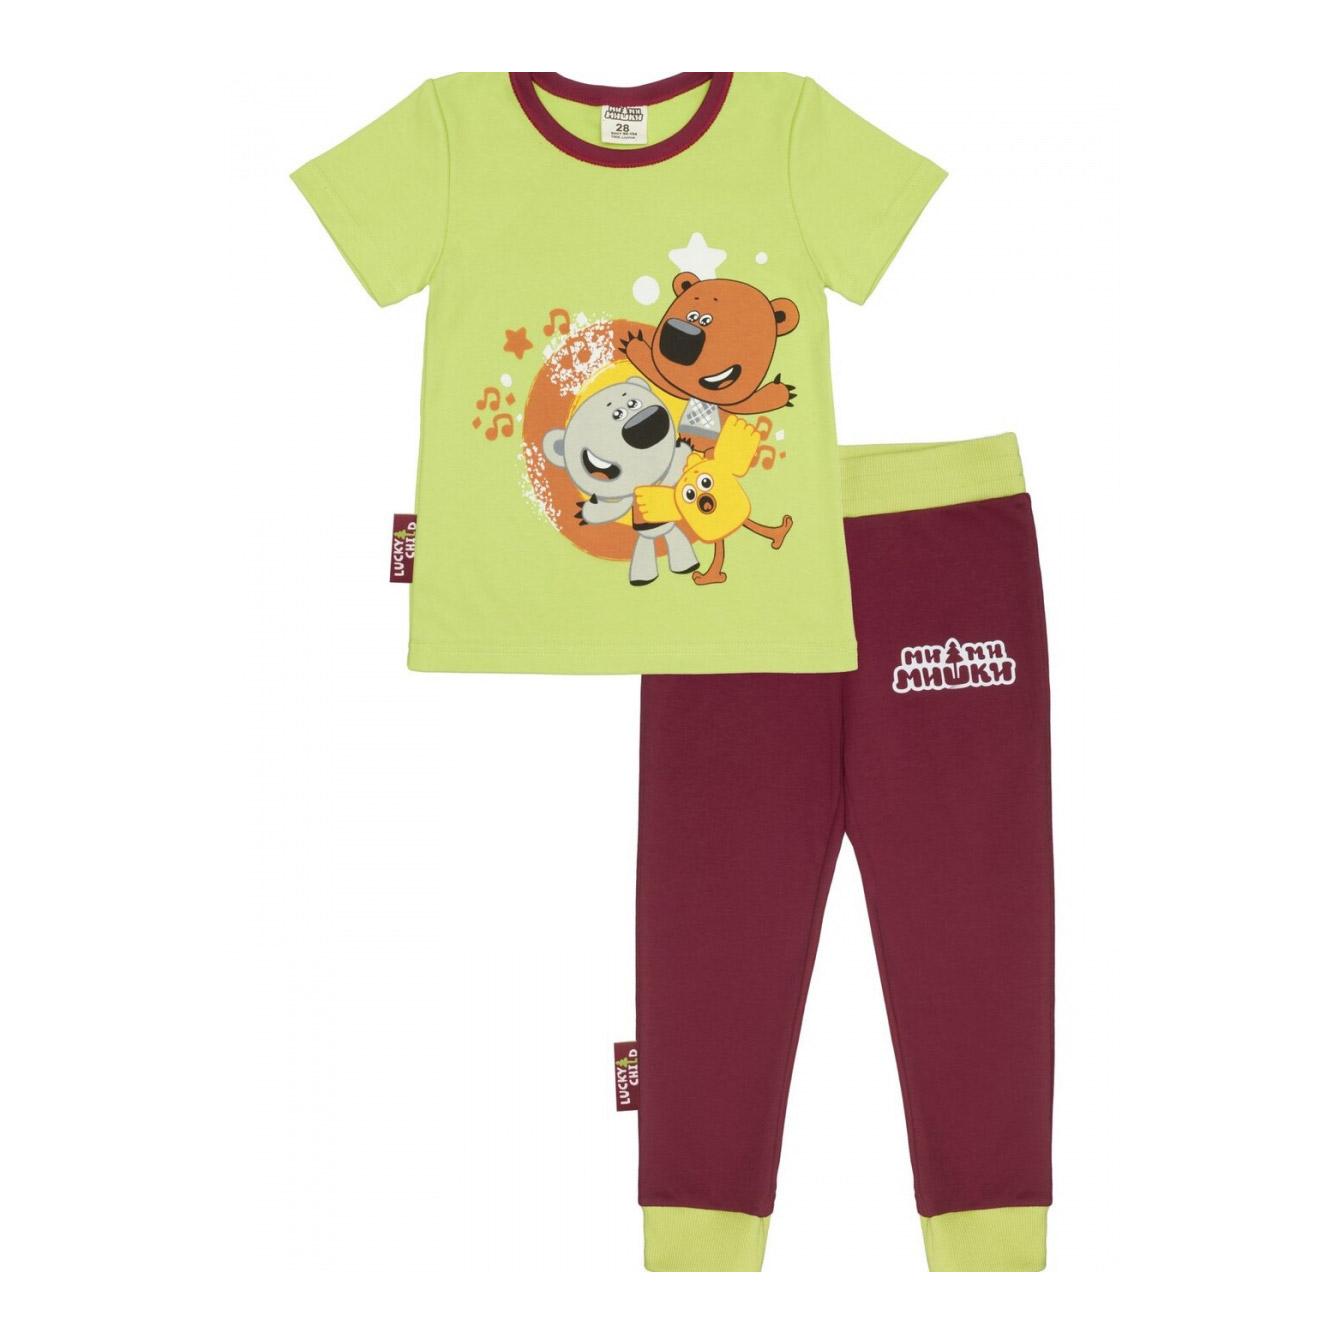 Купить Пижама Lucky Child МИ-МИ-МИШКИ зелёная 128-134, Зеленый, Интерлок, Для мальчиков, Всесезонный,